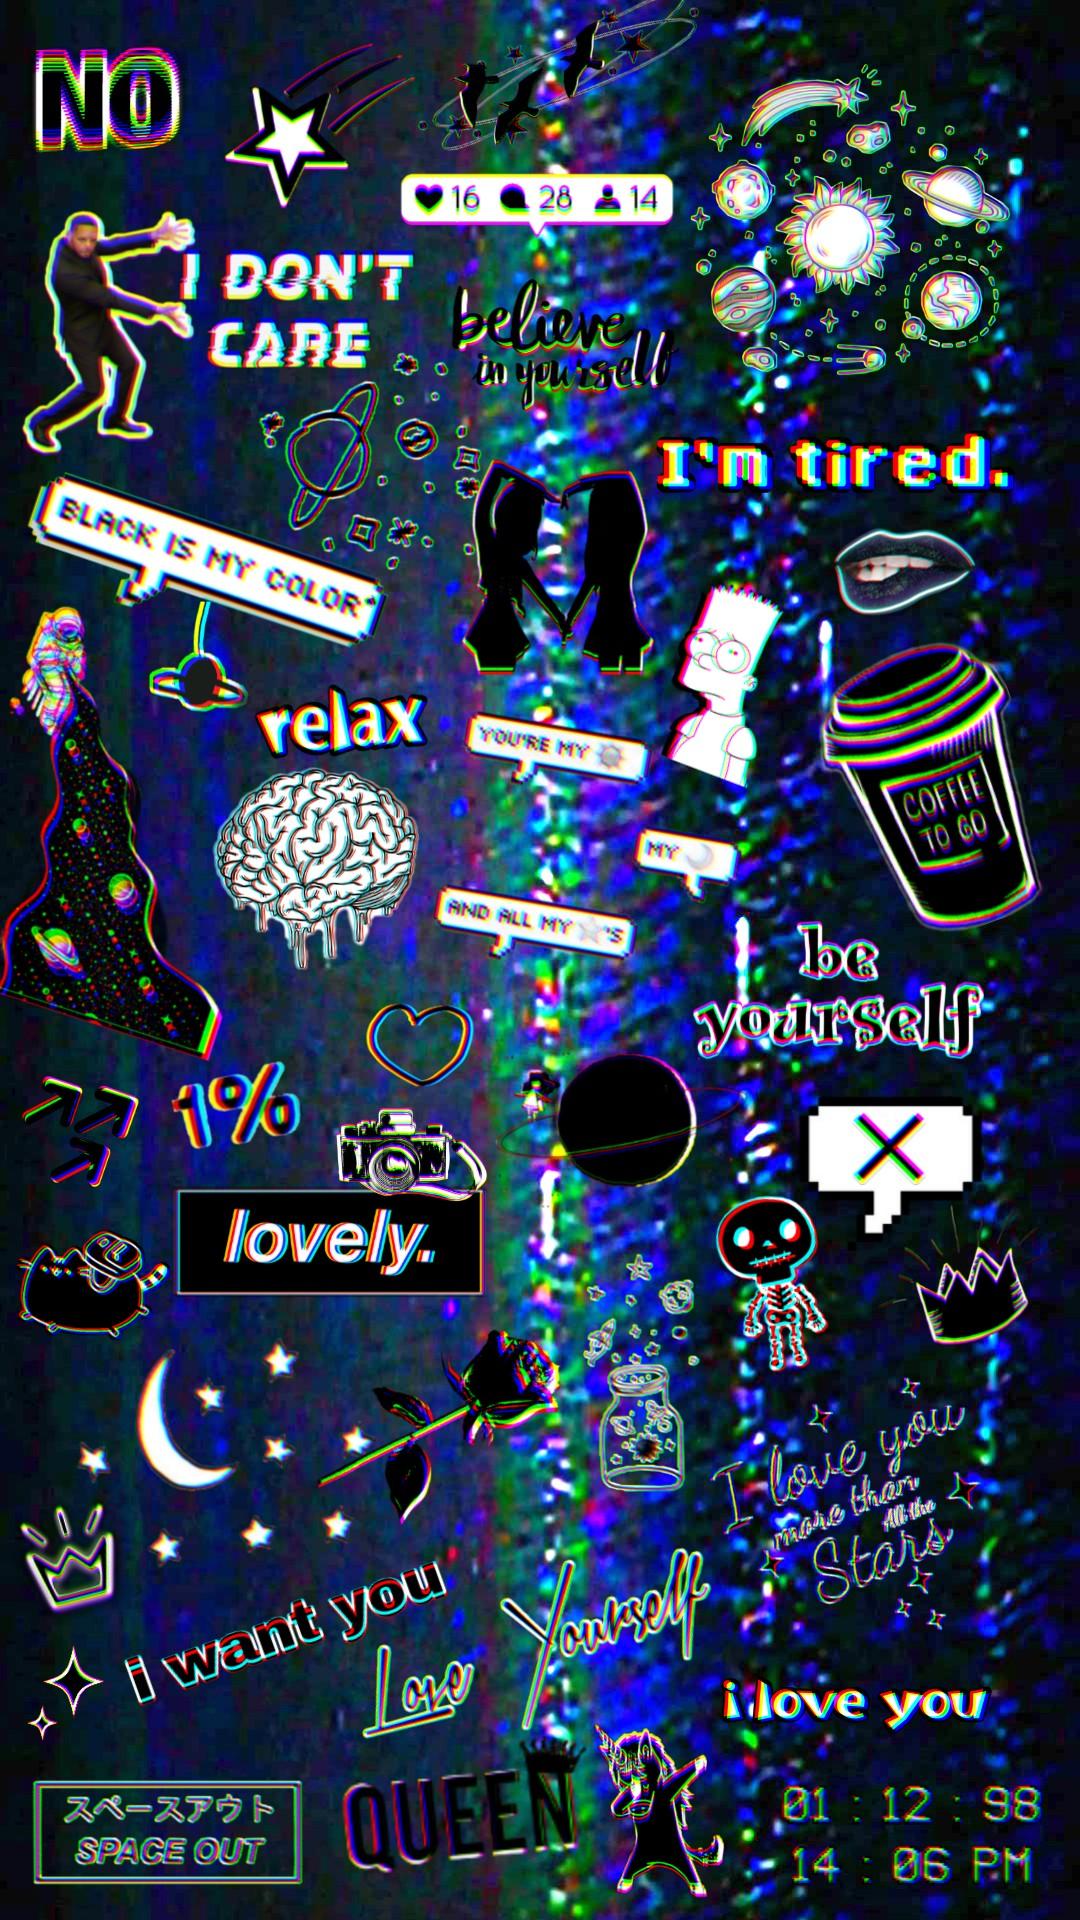 Wallpaper Background Wallpaper Tumblr Black Aesthetic